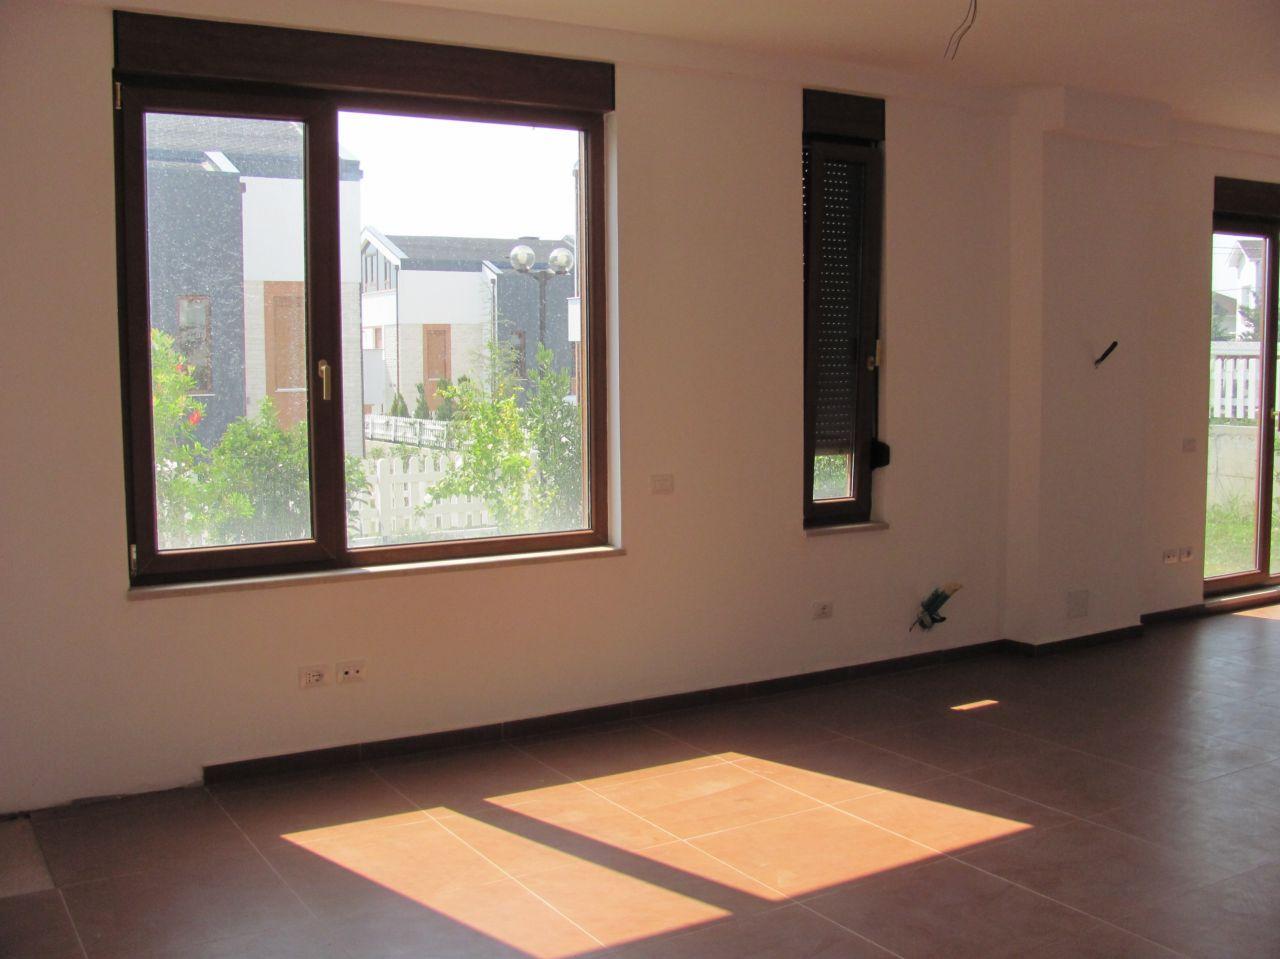 Villa in affitto a Tirana in condizioni ottime